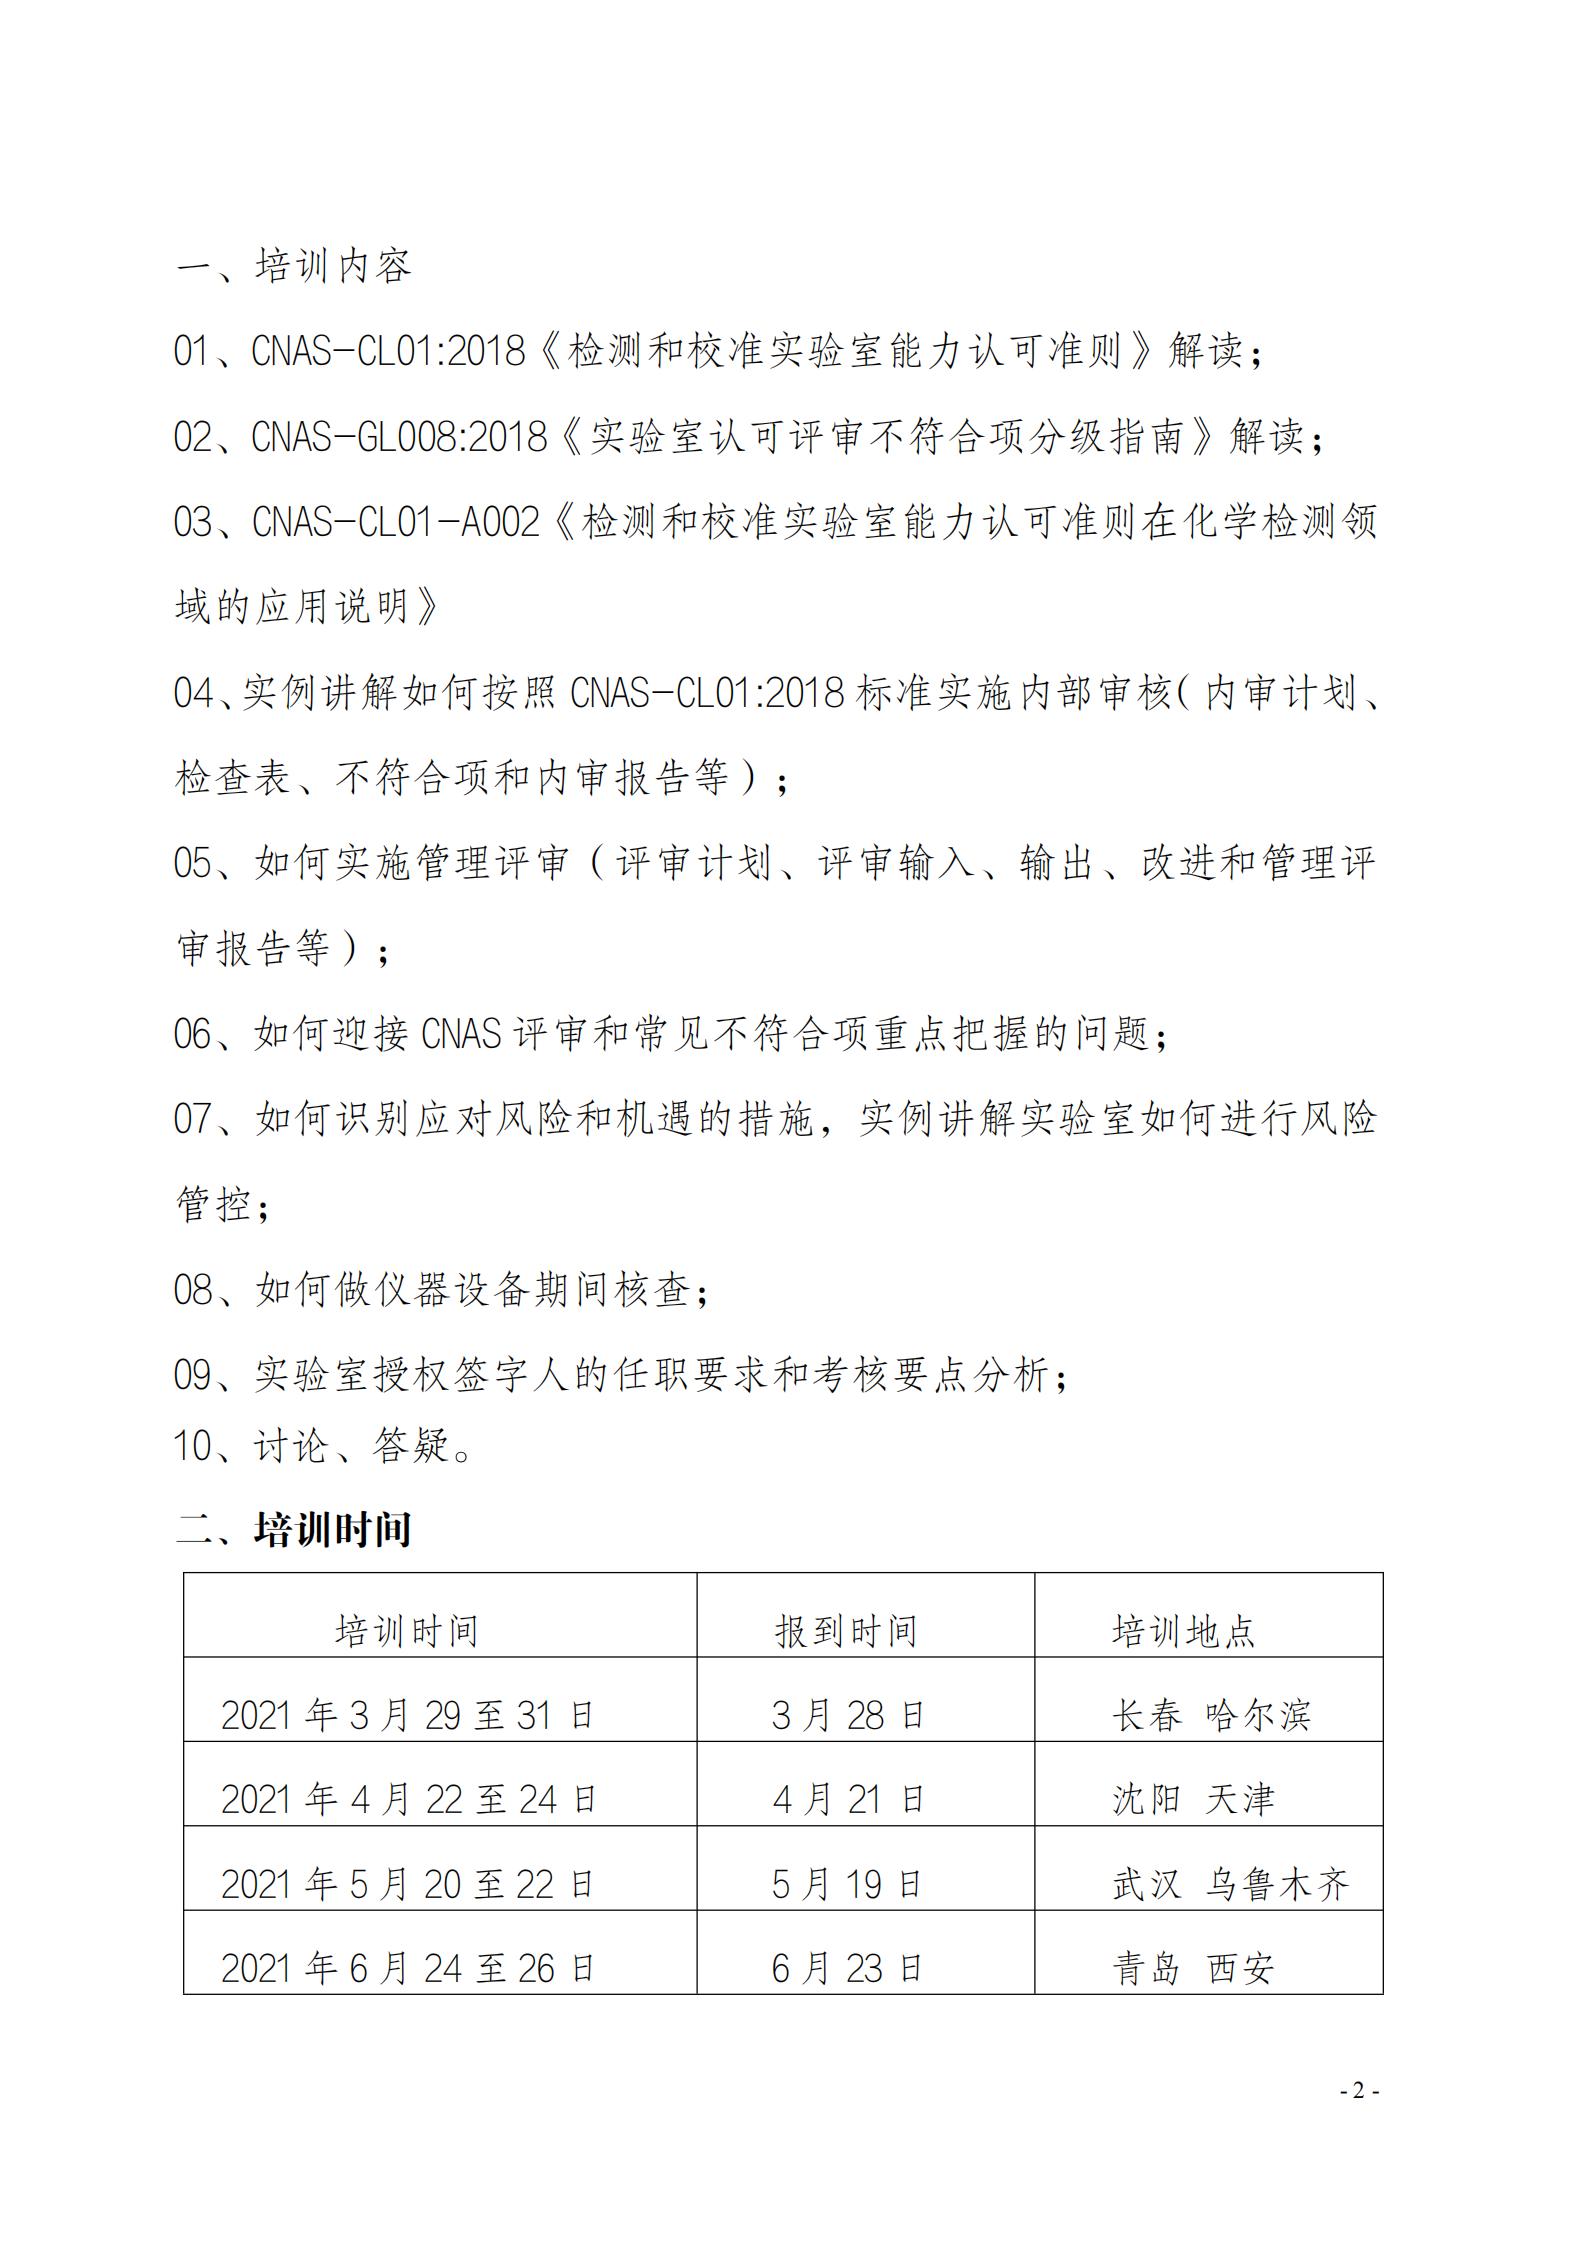 3.CNAS-CL012018-林海_01.png